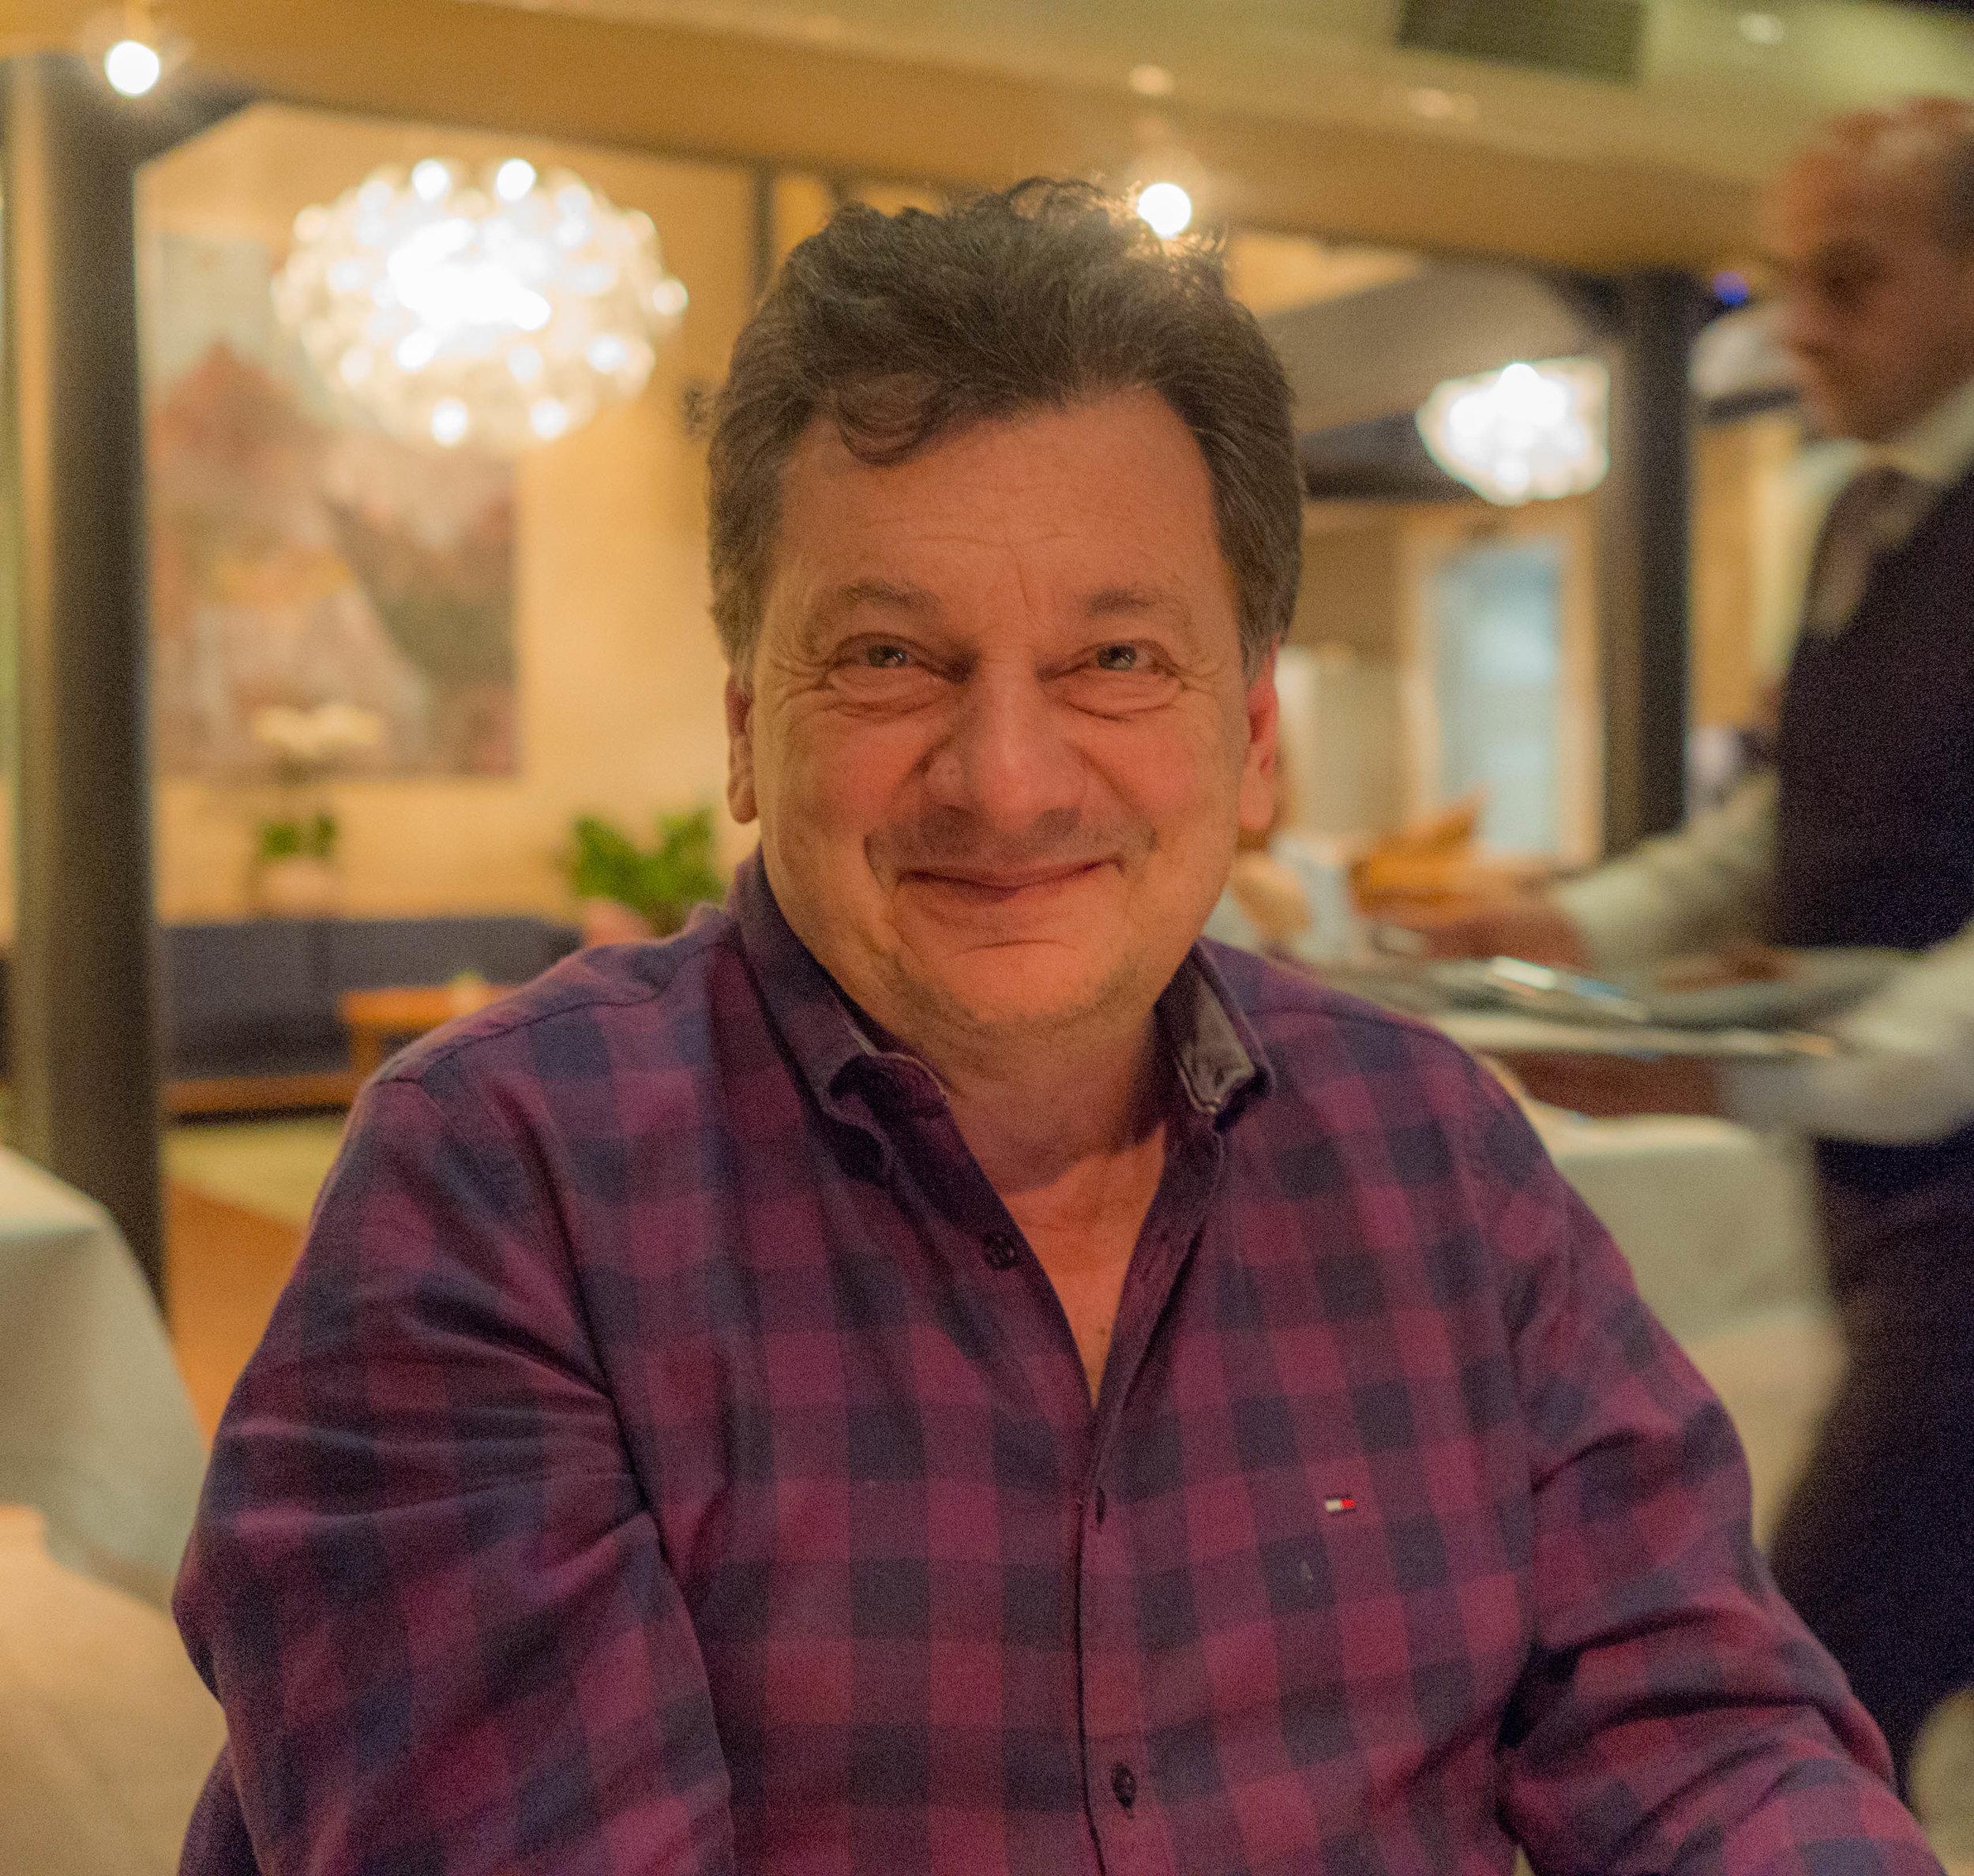 """- Boğaziçi Üniversitesi'nde ekonomi okudum. Lisedeyken annem Selma Keşmir beni Taksim'deki Lamartin Caddesi'ndeki Çin lokantasına götürürdü. Köfte ve makarnadan sonra 'tatlı-ekşi soslu karides' sevdiğim üçüncü yemek haline geldi. Lise sondan itibaren kız arkadaşlarımı etkilemek için onları farklı lokantalara götürmeye başladım. Ama iyi yemek benim için hep ikinci planda kaldı. Ne zamana kadar? Lisans üstü eğitim için University of California, Berkeley'e gidene kadar. Orada dünyanın en kompleks içeceği, yaklaşık 200 aromaya sahip şarabı keşfettim. Tadımlarda benden çok büyük ve işi bilenler """"senin inanılmaz bir damağın var"""" gibi laflar edince şevkim arttı. Ama şarap yalnız içilmez ki? Giderek farklı şaraplarla neler yenirden yola çıkarak gastronomi ile ilgilenmeye ve tavuk hariç herşeyi denemeye başladım. Doktora tezi için 9 ay Paris'te kalınca da dünyanin en iyi şarap ve lokantaları ile tanıştım. Referans noktalarım oluşmaya başladı. Edebiyat ve sinema sevgisi devam etti. Tenis, masa tenisinin yerini aldı ve buna gastronomi eklendi."""